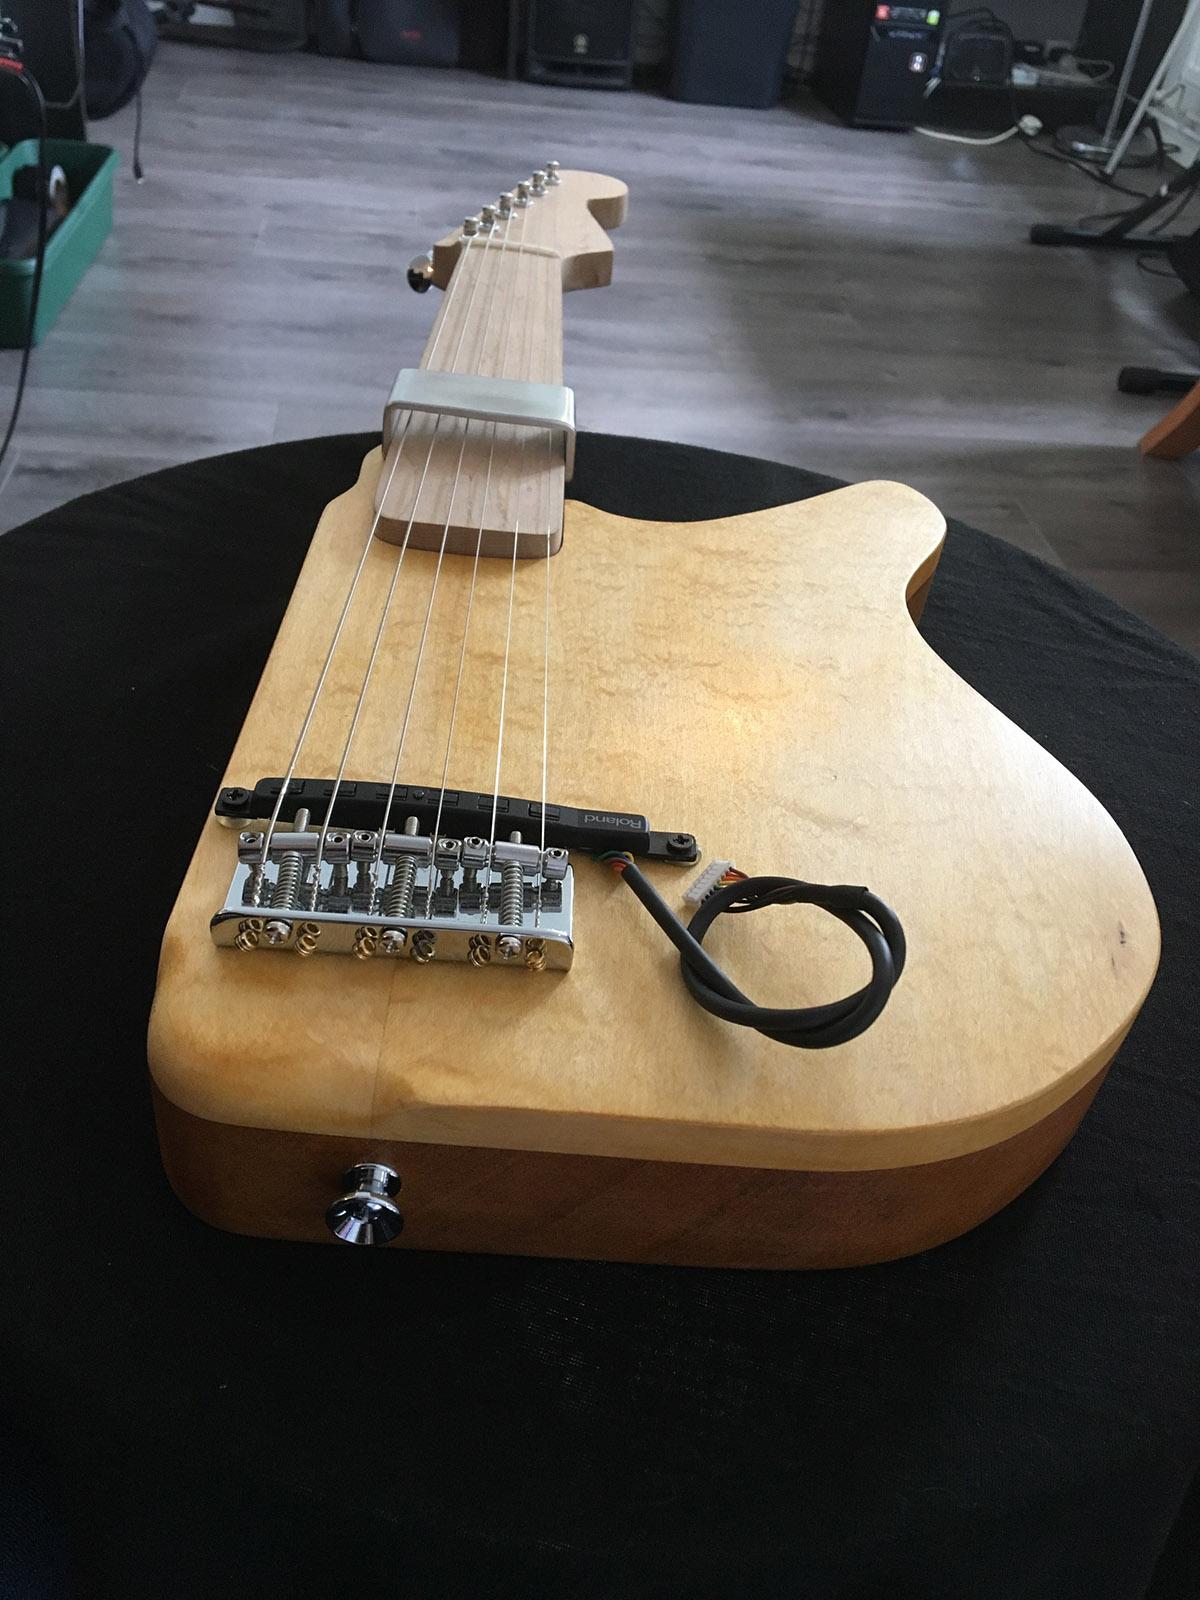 John Kelly's adapted instrument, image courtesy of John Kelly